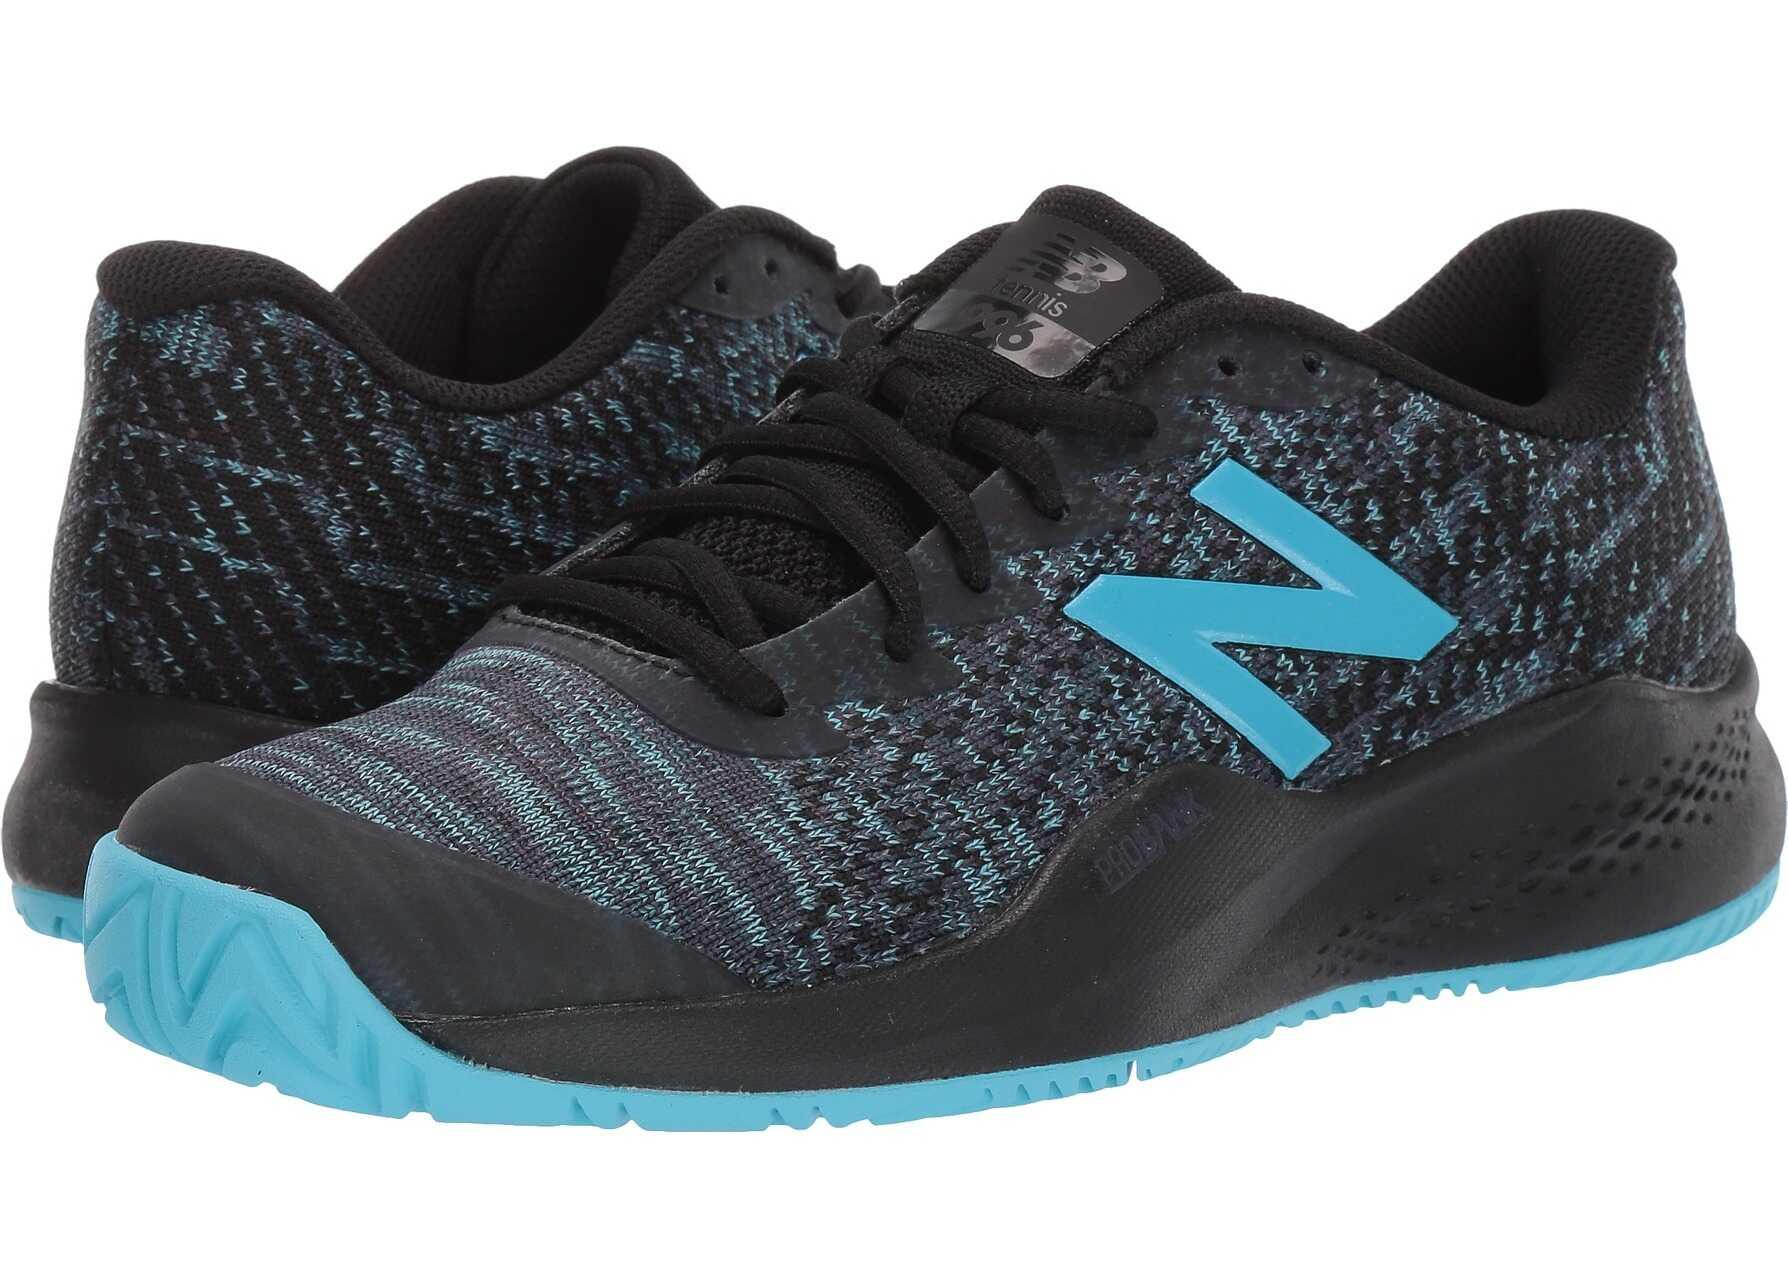 New Balance 996v3 Black/Bayside